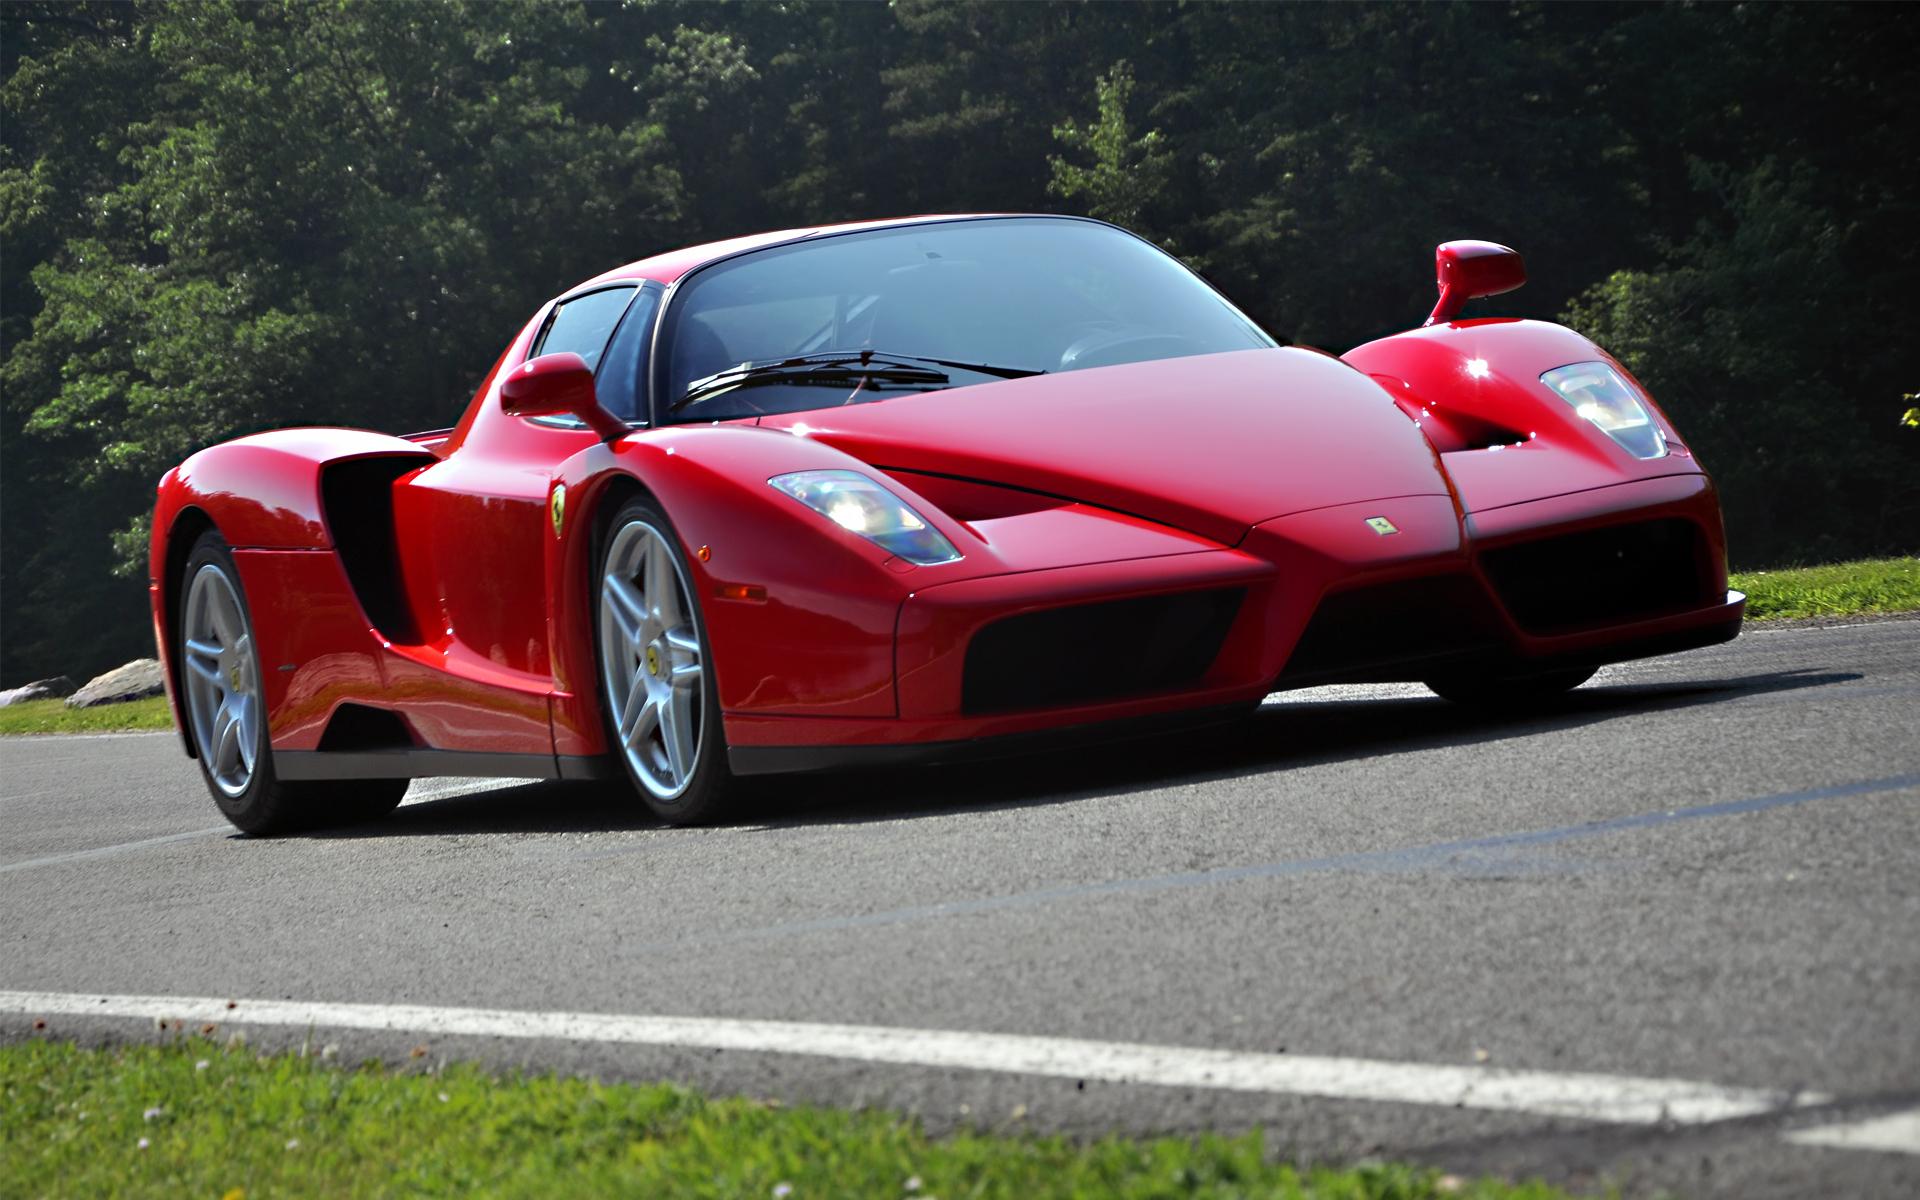 вкусовым фото красной гоночной машины скреплён, как